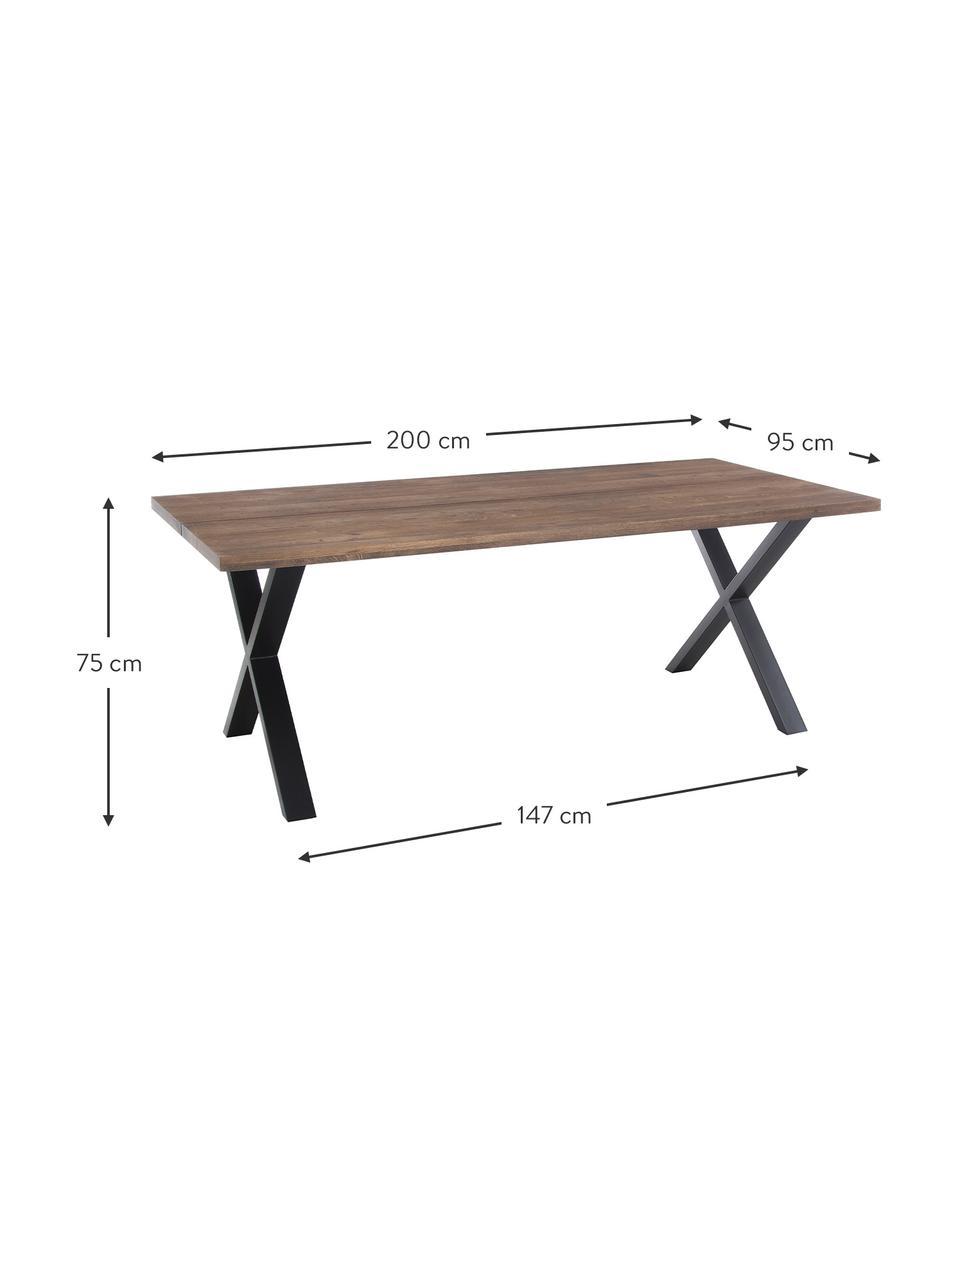 Esstisch Montpellier mit Massivholzplatte, 200 x 95 cm, Tischplatte: Massives Eichenholz, geöl, Gestell: Stahl, pulverbeschichtet, Eichenholz, B 200 x T 95 cm